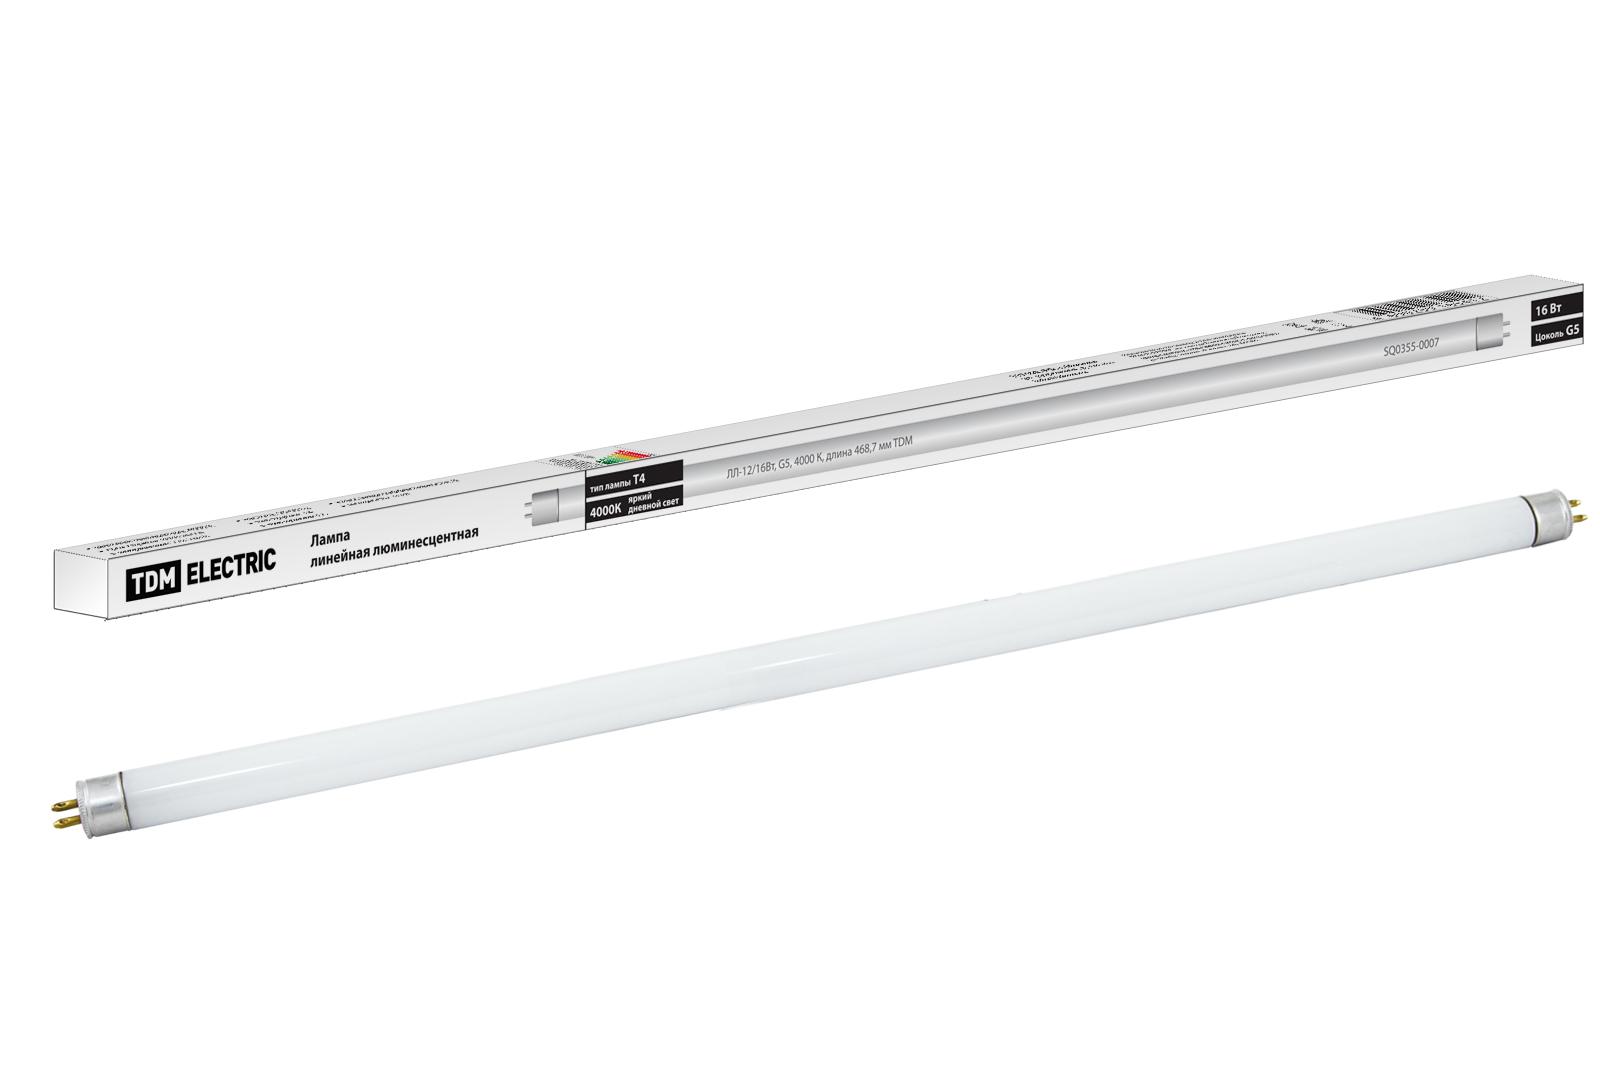 Фото Лампа люминесцентная линейная двухцокольная ЛЛ-12/16Вт, T4/G5, 4000 К, длина 468,7мм TDM {SQ0355-0007}